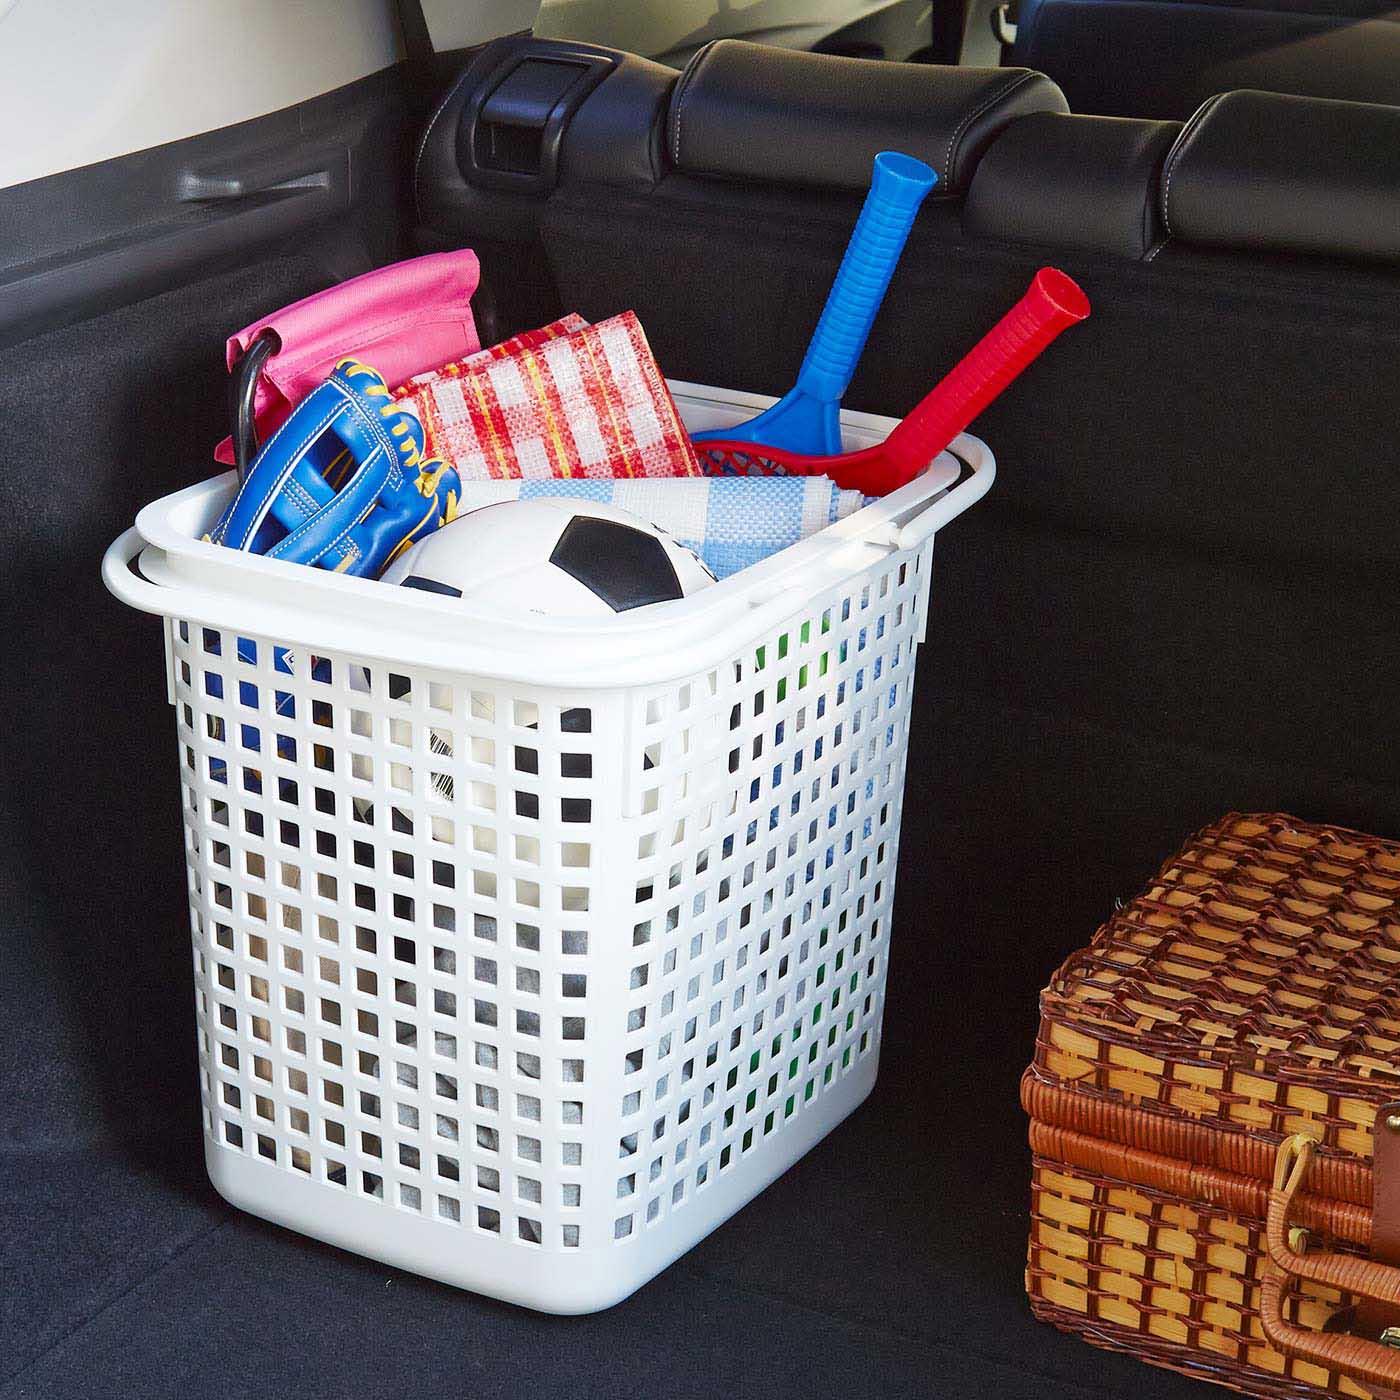 汚れても洗えるので、アウトドア用品の持ち運びにも便利。